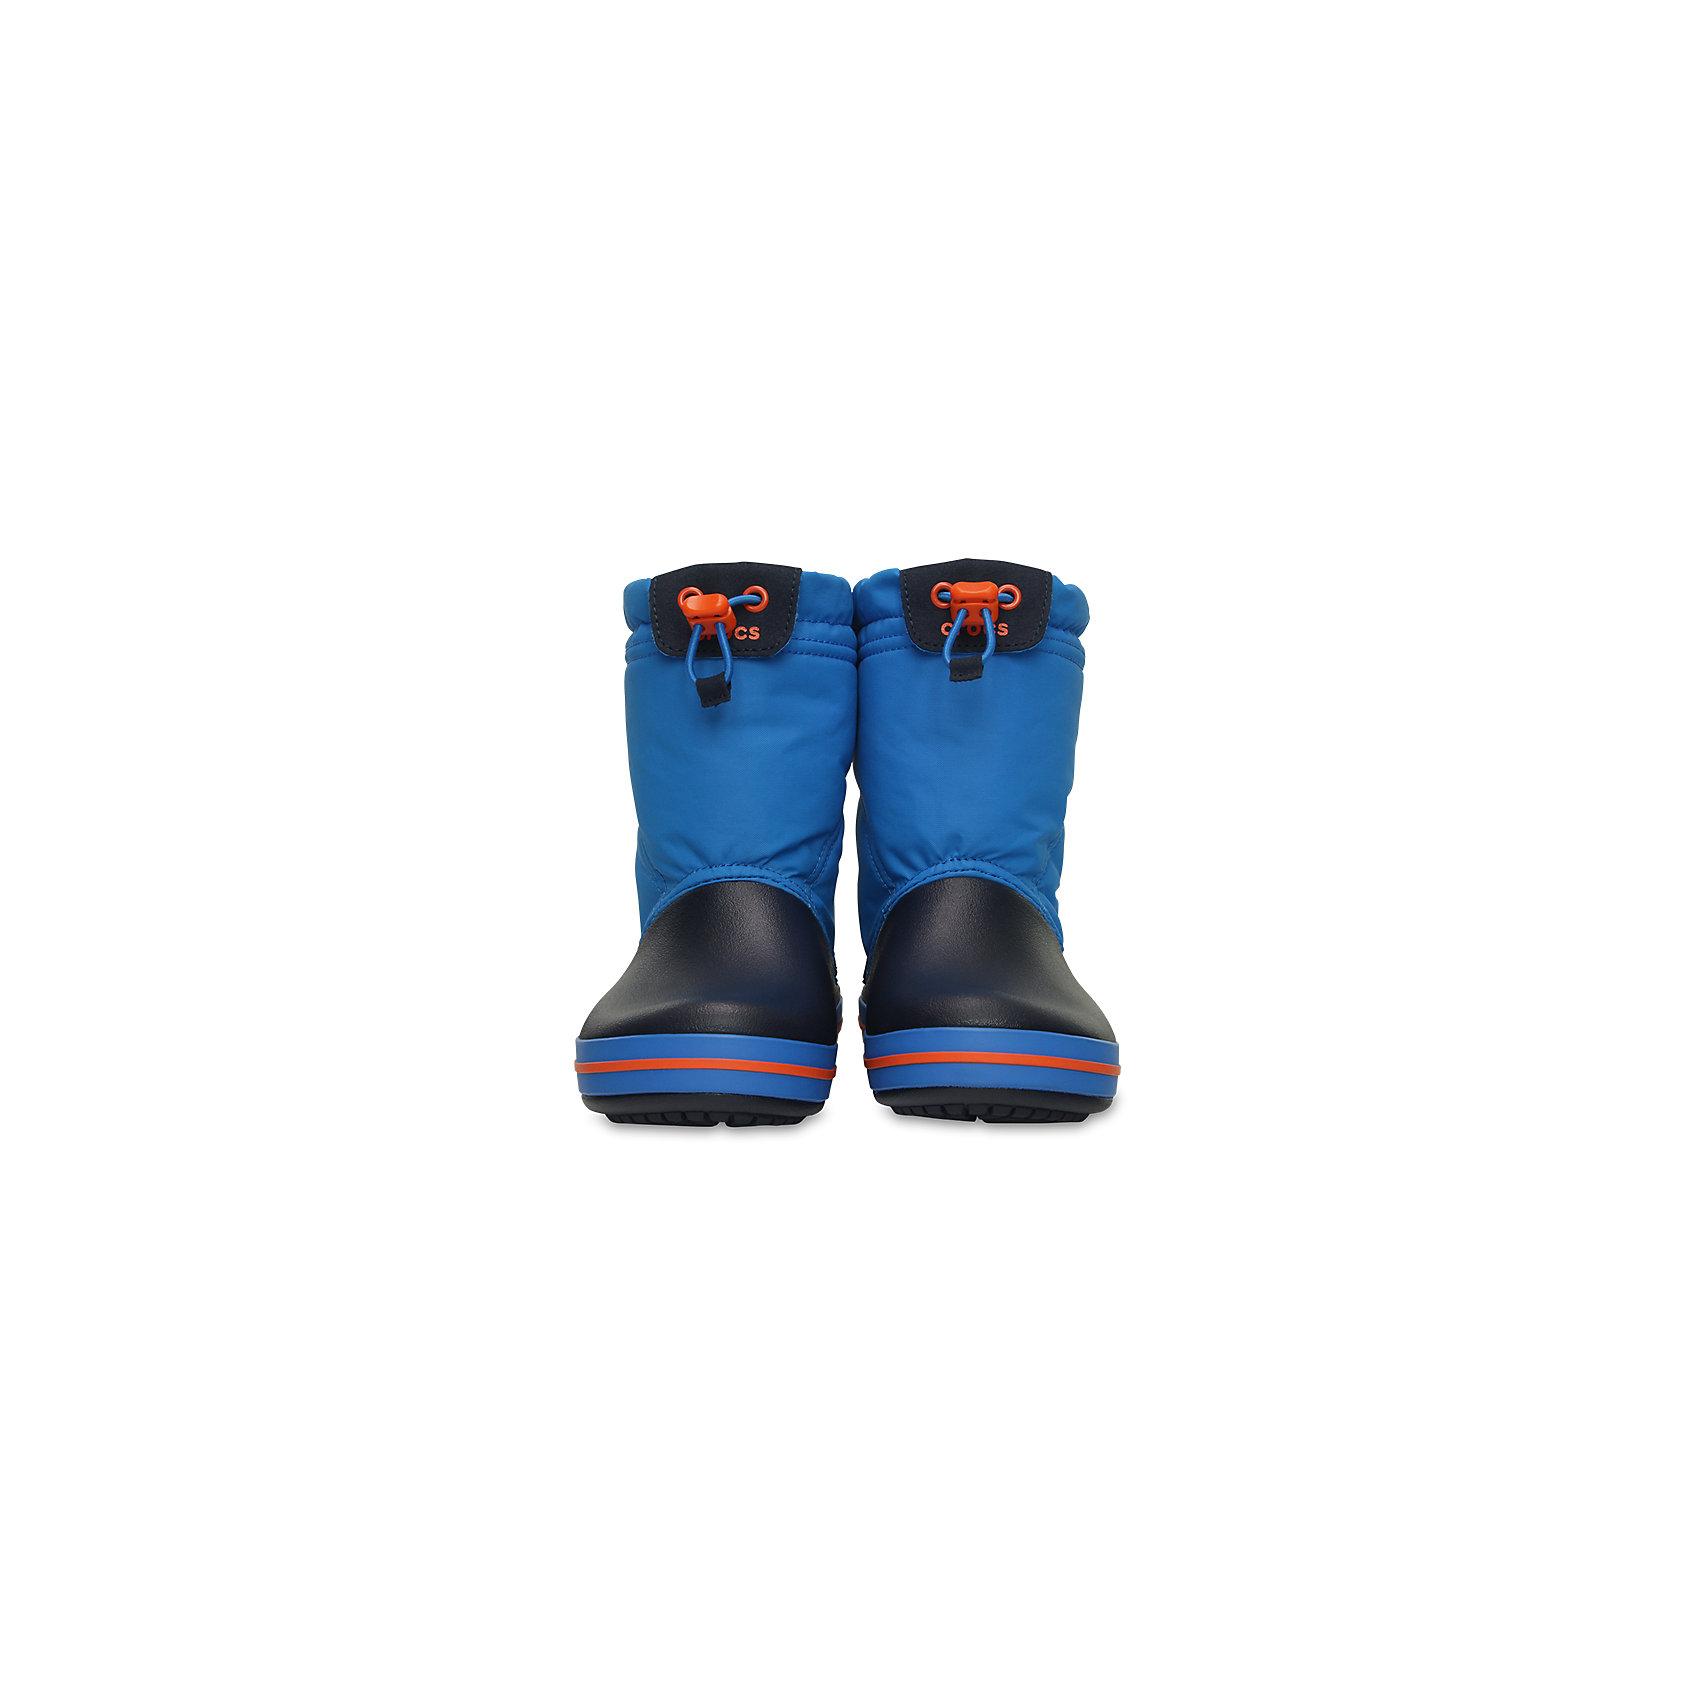 Сапоги Kids' Crocband Lodge Point Boot CrocsХарактеристики товара:<br><br>• цвет: синий<br>• материал: верх - текстиль, низ -100% полимер Croslite™<br>• материал подкладки: текстиль<br>• непромокаемая носочная часть<br>• температурный режим: от -15° до +10° С<br>• легко очищаются<br>• антискользящая подошва<br>• застежка: шнурок со стоппером<br>• толстая устойчивая подошва<br>• страна бренда: США<br>• страна изготовитель: Китай<br><br>Сапоги могут быть и стильными, и теплыми! Для детской обуви крайне важно, чтобы она была удобной. Такие сапоги обеспечивают детям необходимый комфорт, а теплая подкладка создает особый микроклимат. Сапоги легко надеваются и снимаются, отлично сидят на ноге. Материал, из которого они сделаны, не дает размножаться бактериям, поэтому такая обувь препятствует образованию неприятного запаха и появлению болезней стоп. Данная модель особенно понравится детям - ведь в них можно бегать по лужам!<br>Обувь от американского бренда Crocs в данный момент завоевала широкую популярность во всем мире, и это не удивительно - ведь она невероятно удобна. Её носят врачи, спортсмены, звёзды шоу-бизнеса, люди, которым много времени приходится бывать на ногах - они понимают, как важна комфортная обувь. Продукция Crocs - это качественные товары, созданные с применением новейших технологий. Обувь отличается стильным дизайном и продуманной конструкцией. Изделие производится из качественных и проверенных материалов, которые безопасны для детей. <br><br>Сапоги от торговой марки Crocs можно купить в нашем интернет-магазине.<br><br>Ширина мм: 237<br>Глубина мм: 180<br>Высота мм: 152<br>Вес г: 438<br>Цвет: синий<br>Возраст от месяцев: 18<br>Возраст до месяцев: 21<br>Пол: Унисекс<br>Возраст: Детский<br>Размер: 31,25,26,33,23,34,27,28,29,30,24<br>SKU: 4940745